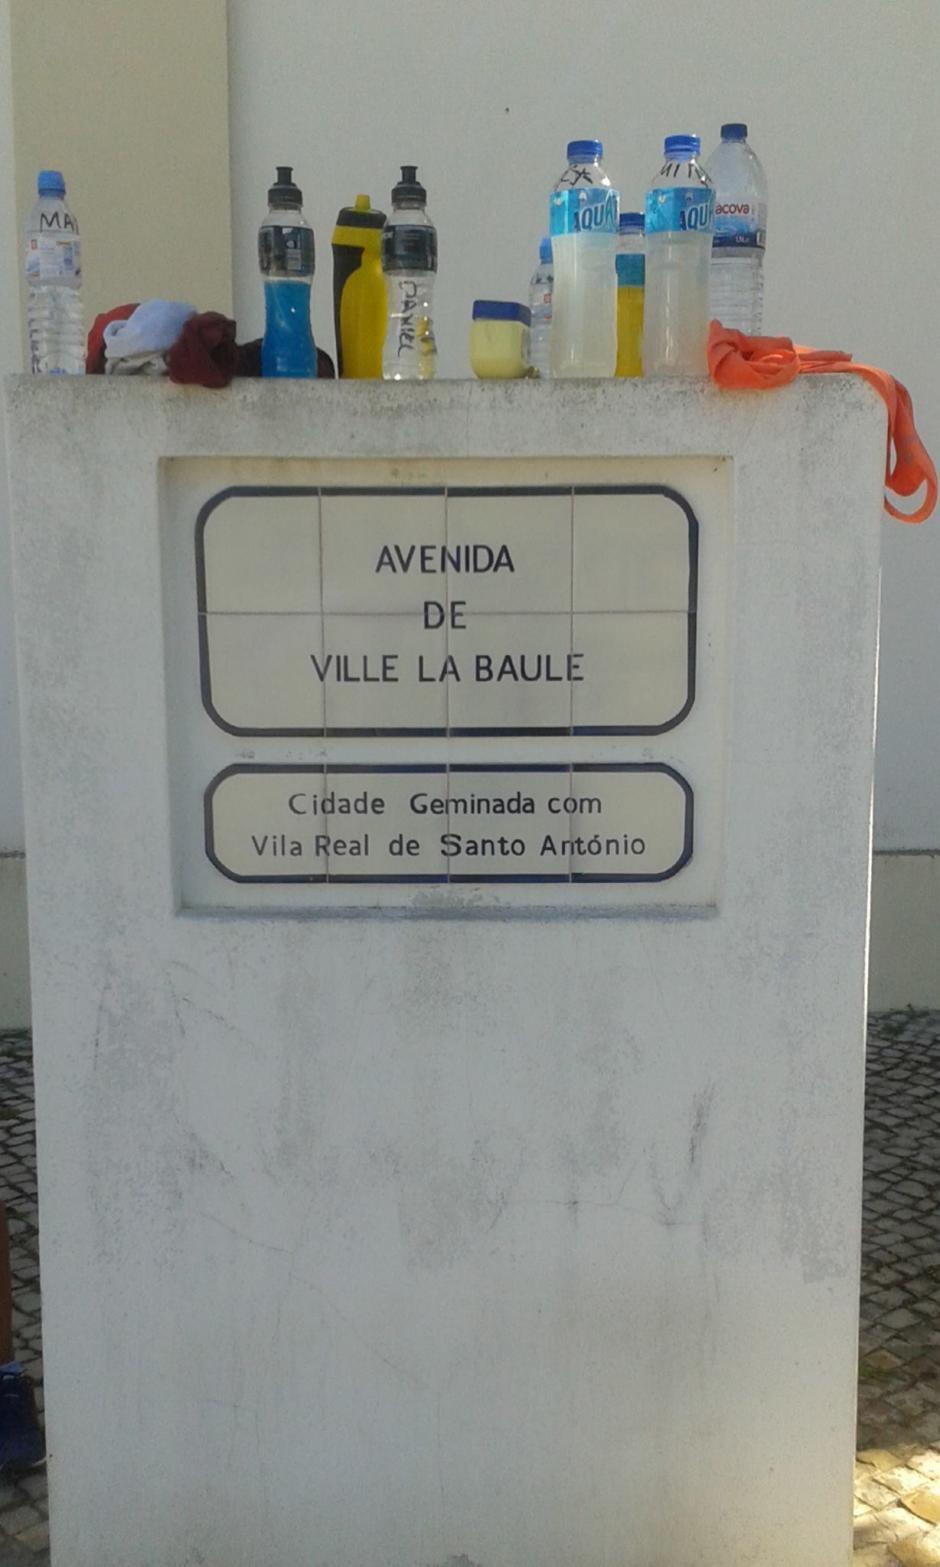 En la Avenida de Ville La Baule, en la región de Monte Gordo, en Portugal, está instalada la Selección de marcha. (Foto: Facebook)